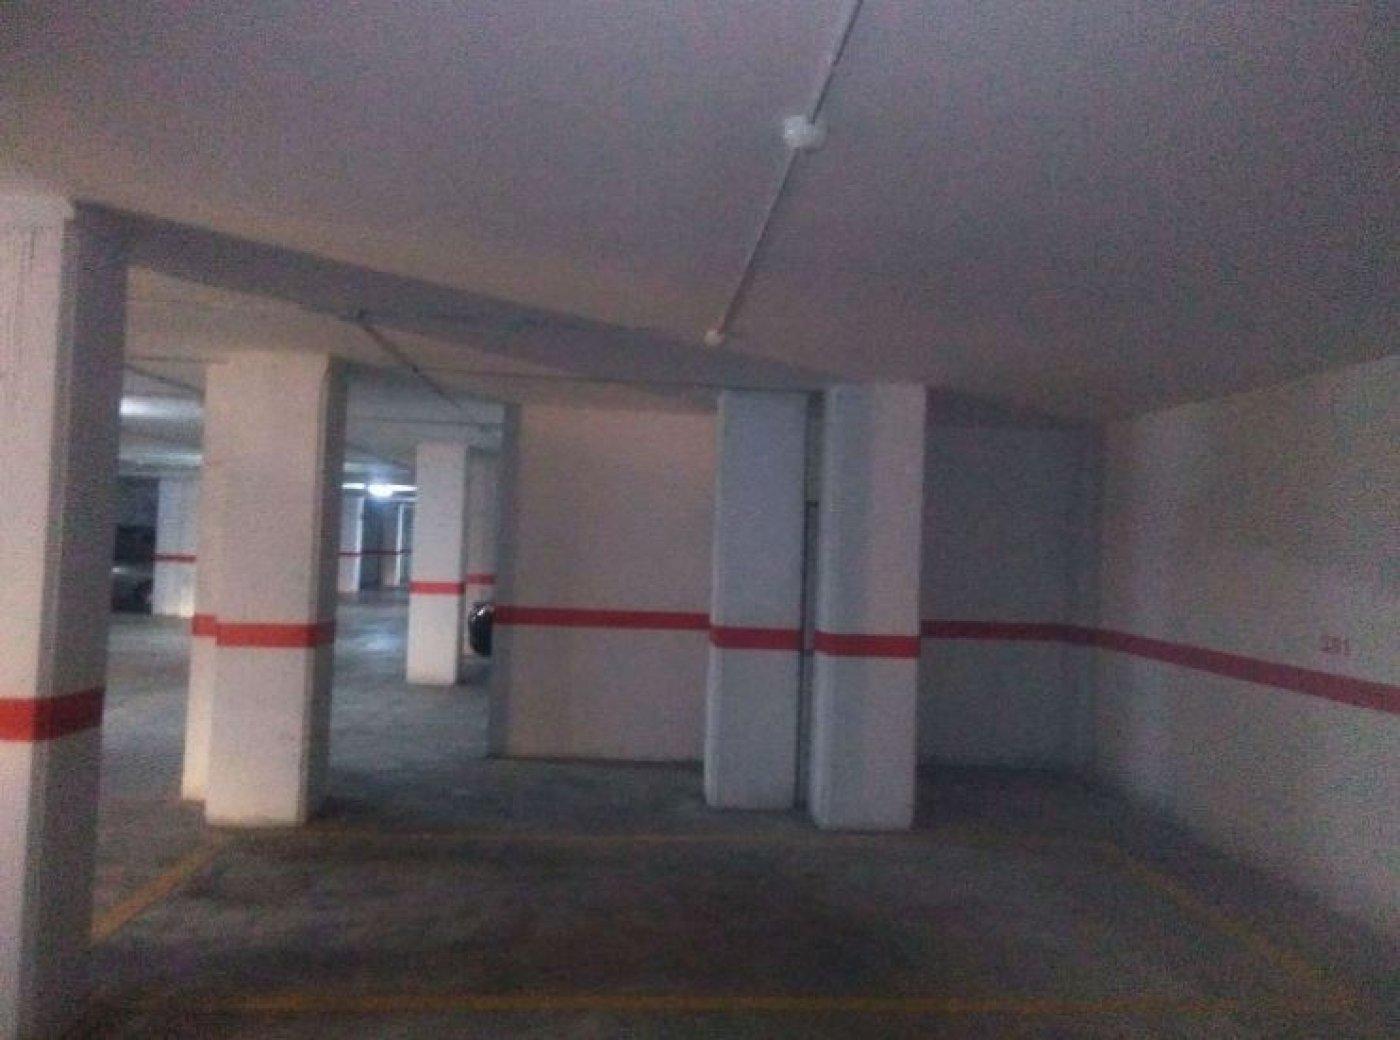 Parking coche  Alaquas ,piscina. Se vende plaza de garaje en alaquás